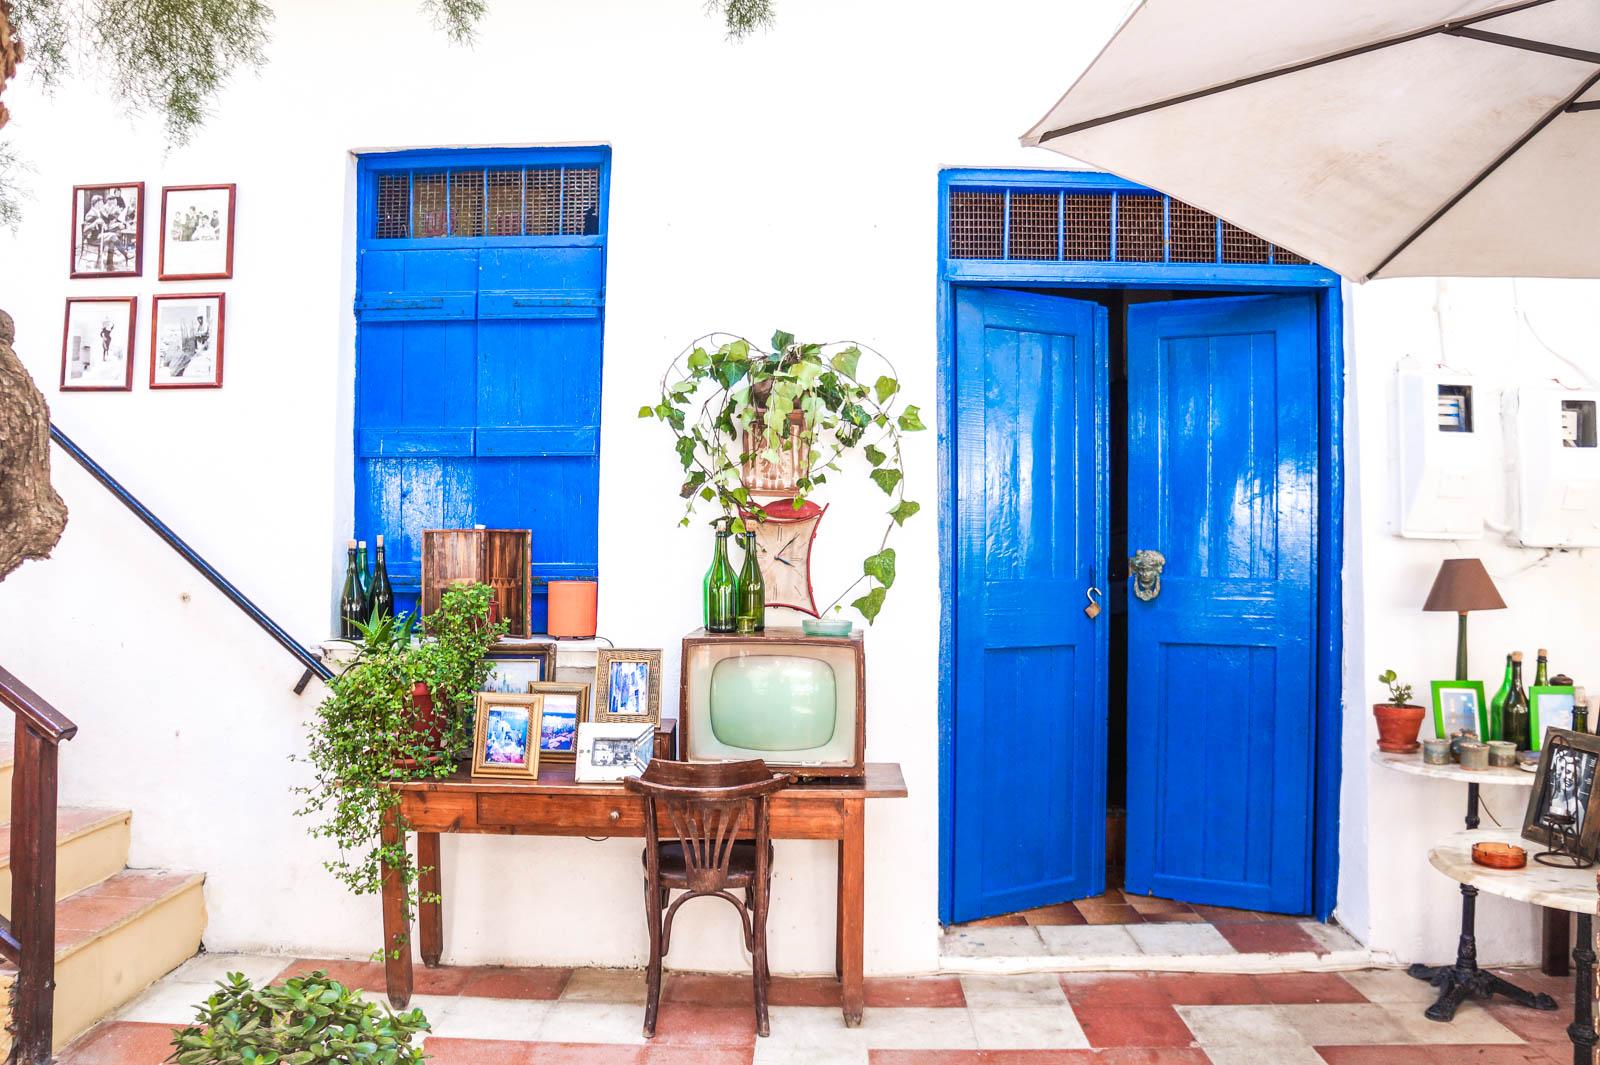 loutro-crete-greece-la-vie-en-blog-all-rights-reserved-8